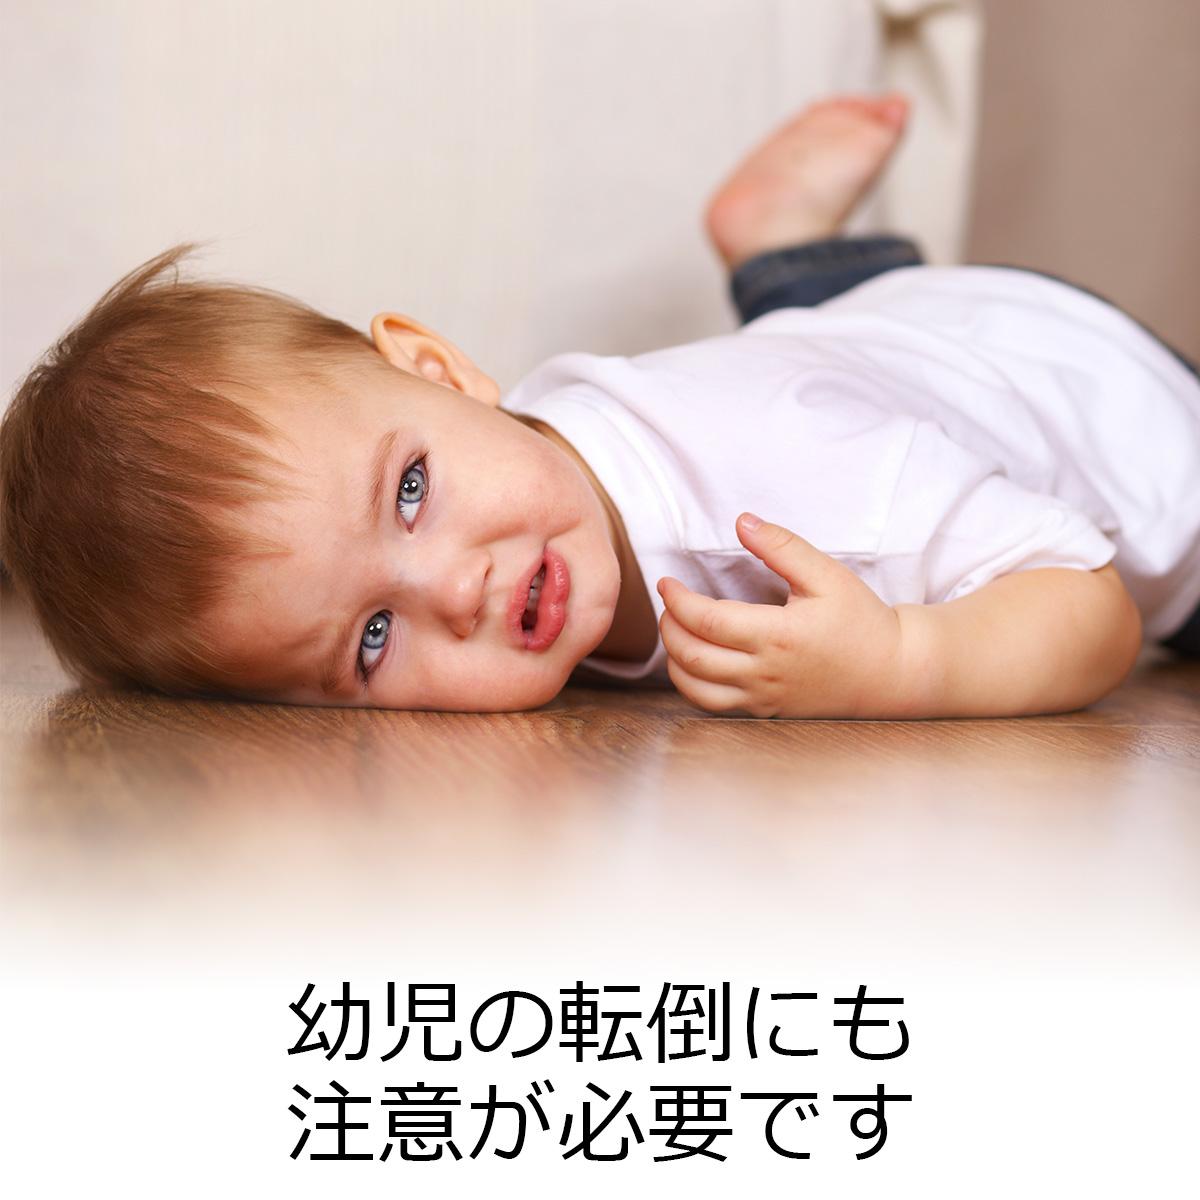 幼児の転倒にも注意が必要です